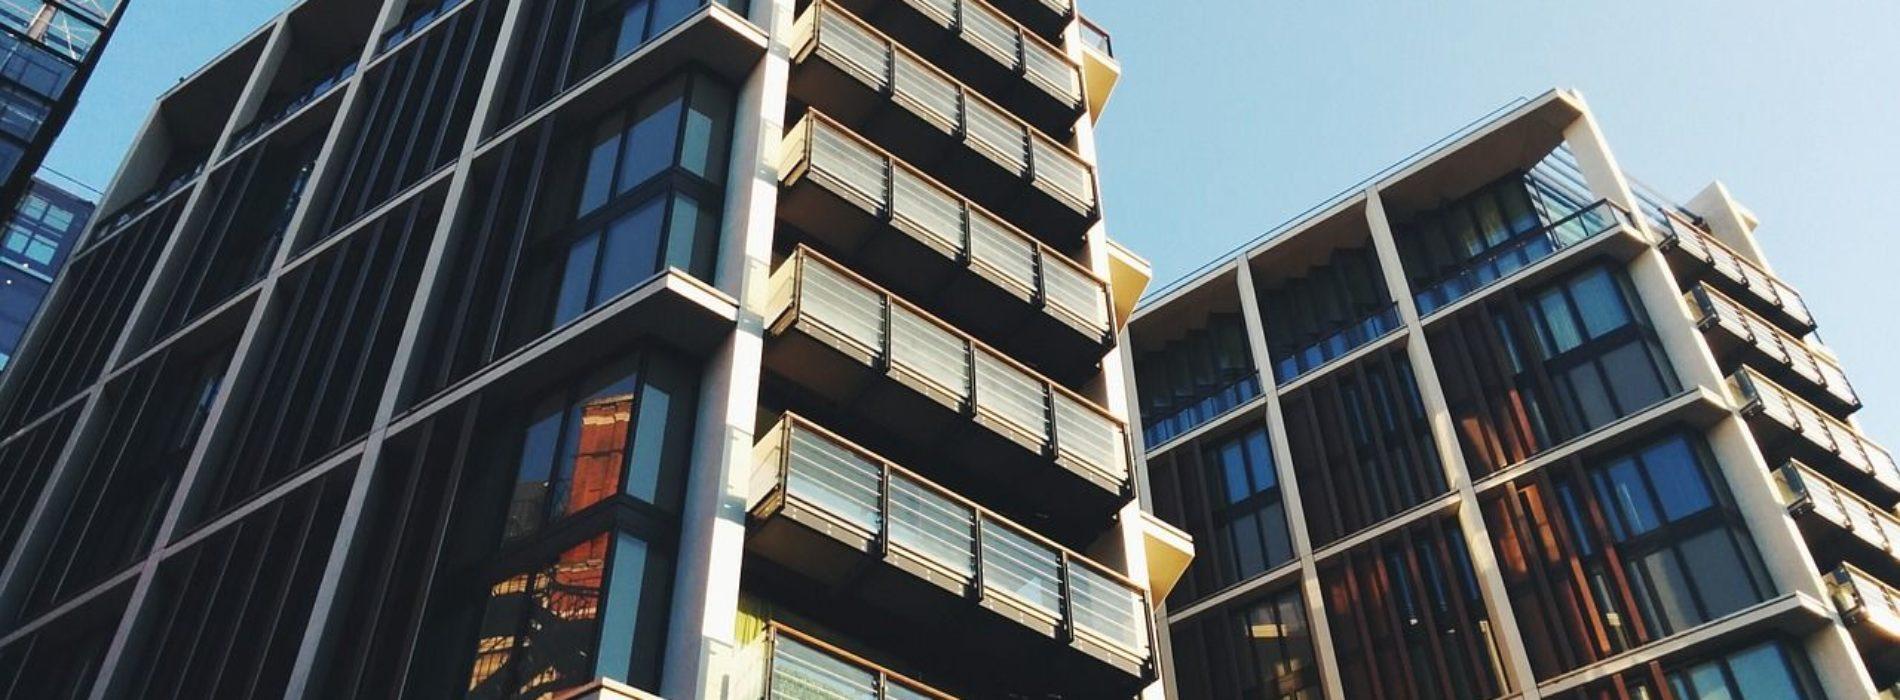 Systemy zabezpieczeń dla firm – co wybrać, by zapewnić najlepszą ochronę?